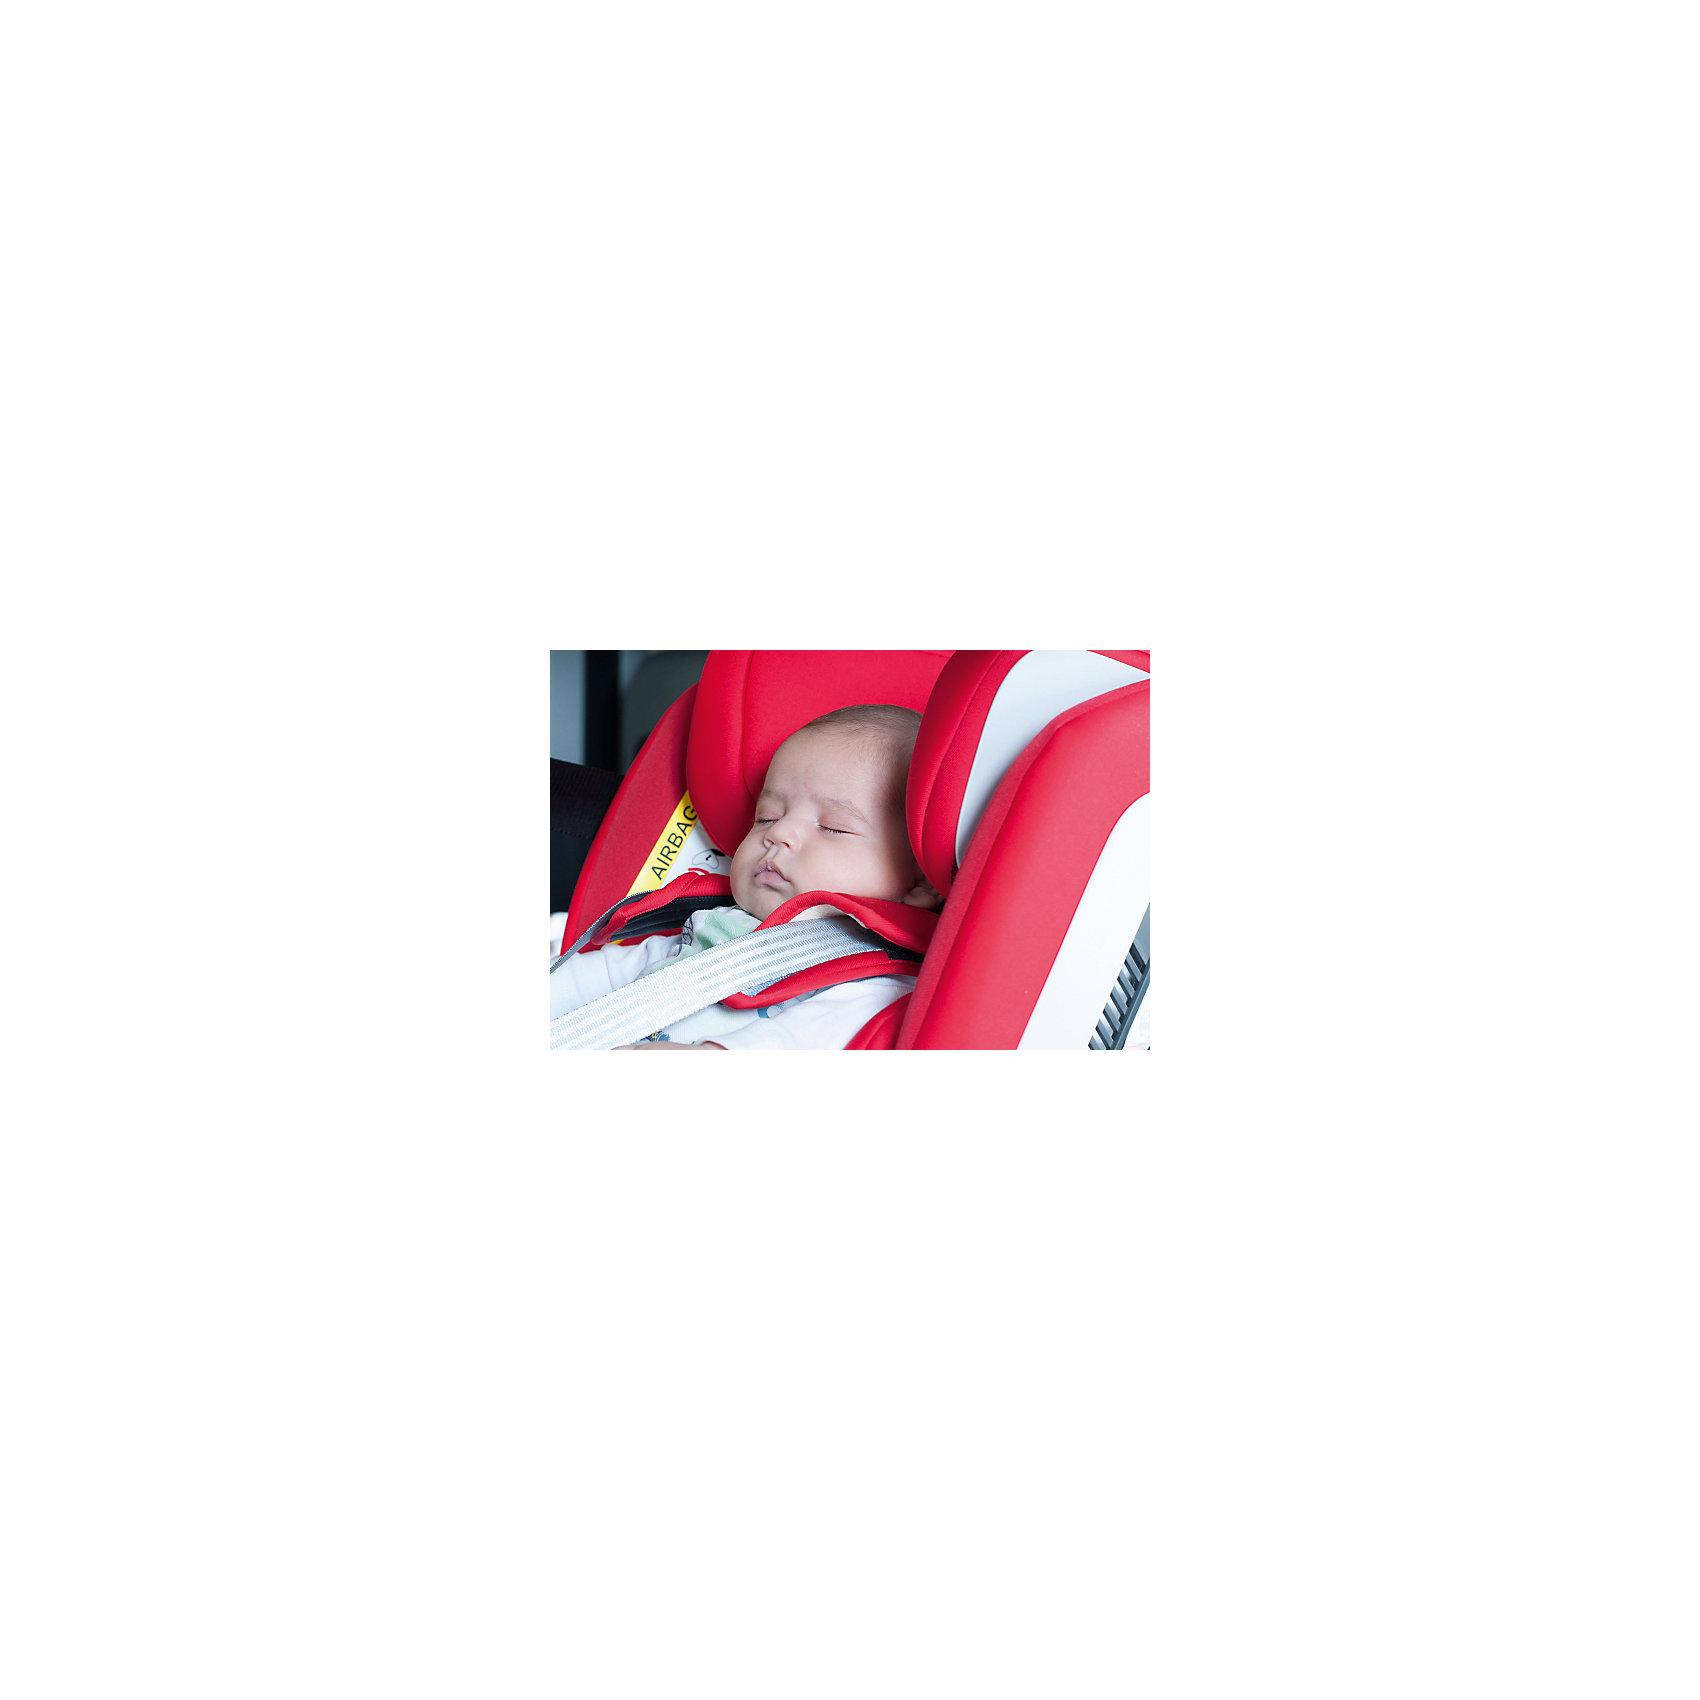 Автокресло CHICCO SEAT UP 012, 0-25 кг, красный